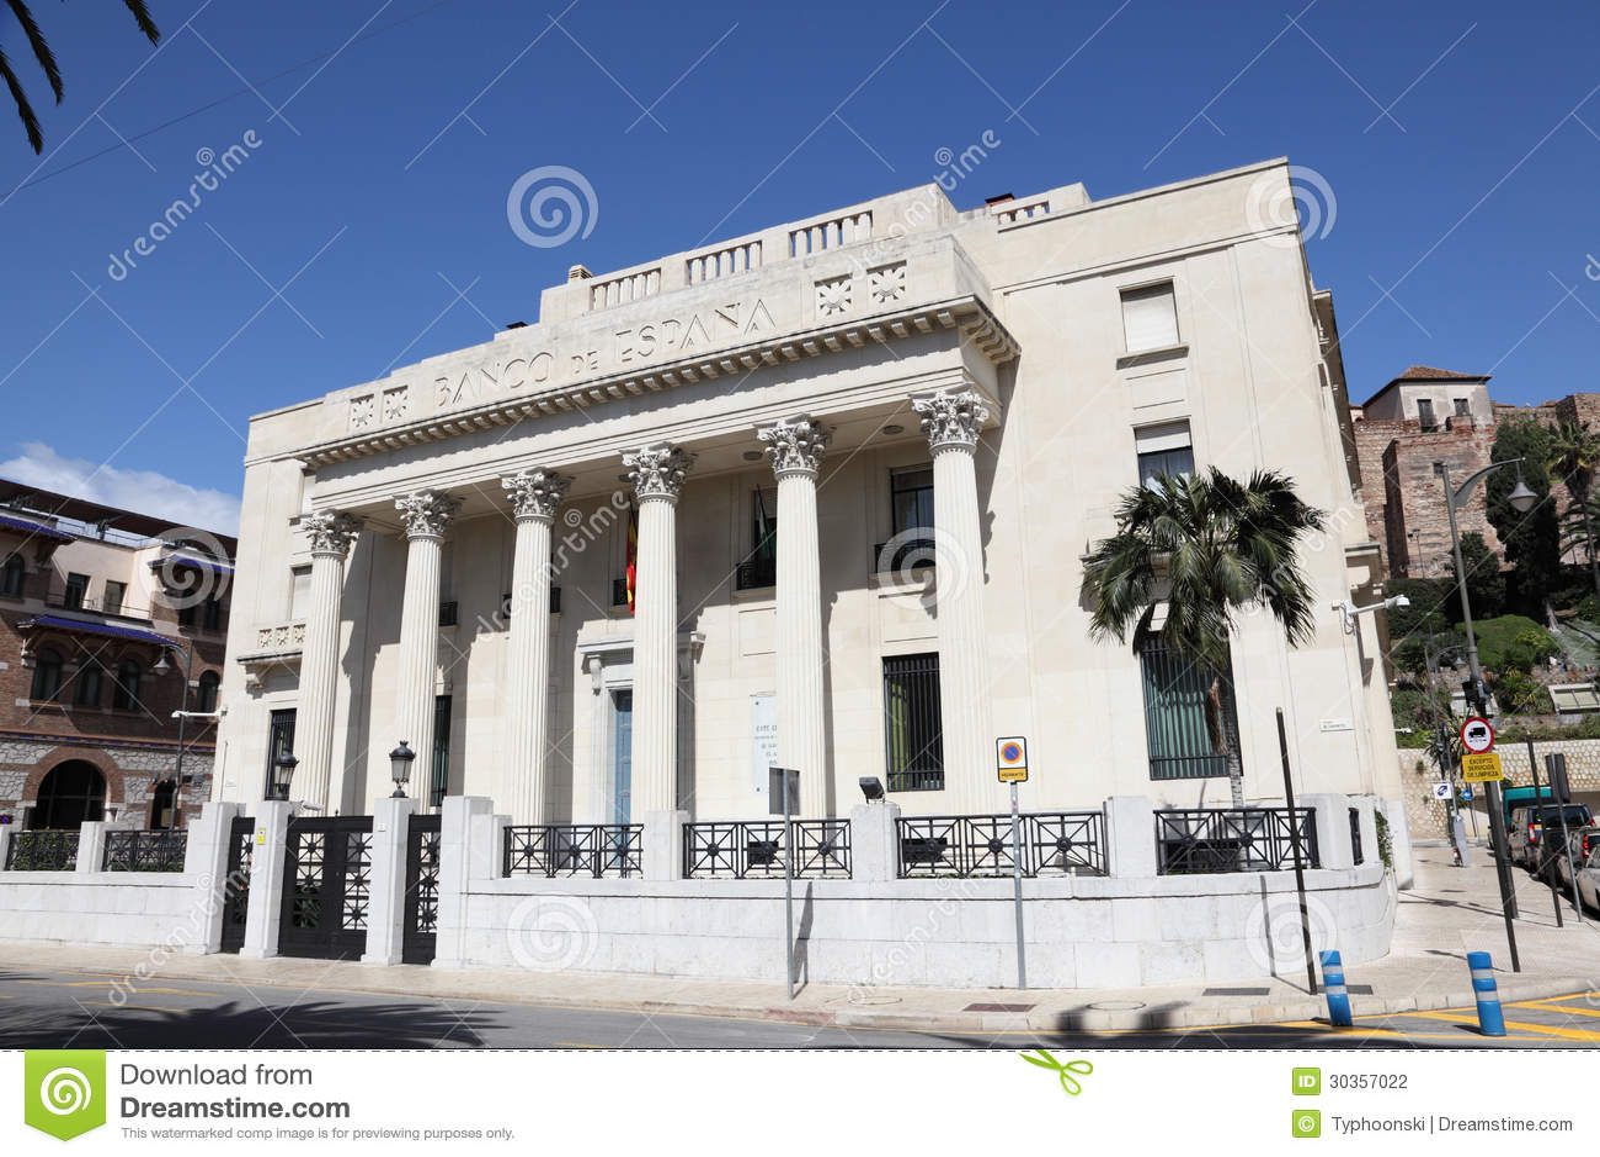 Banco da Espanha em Malaga, Espanha